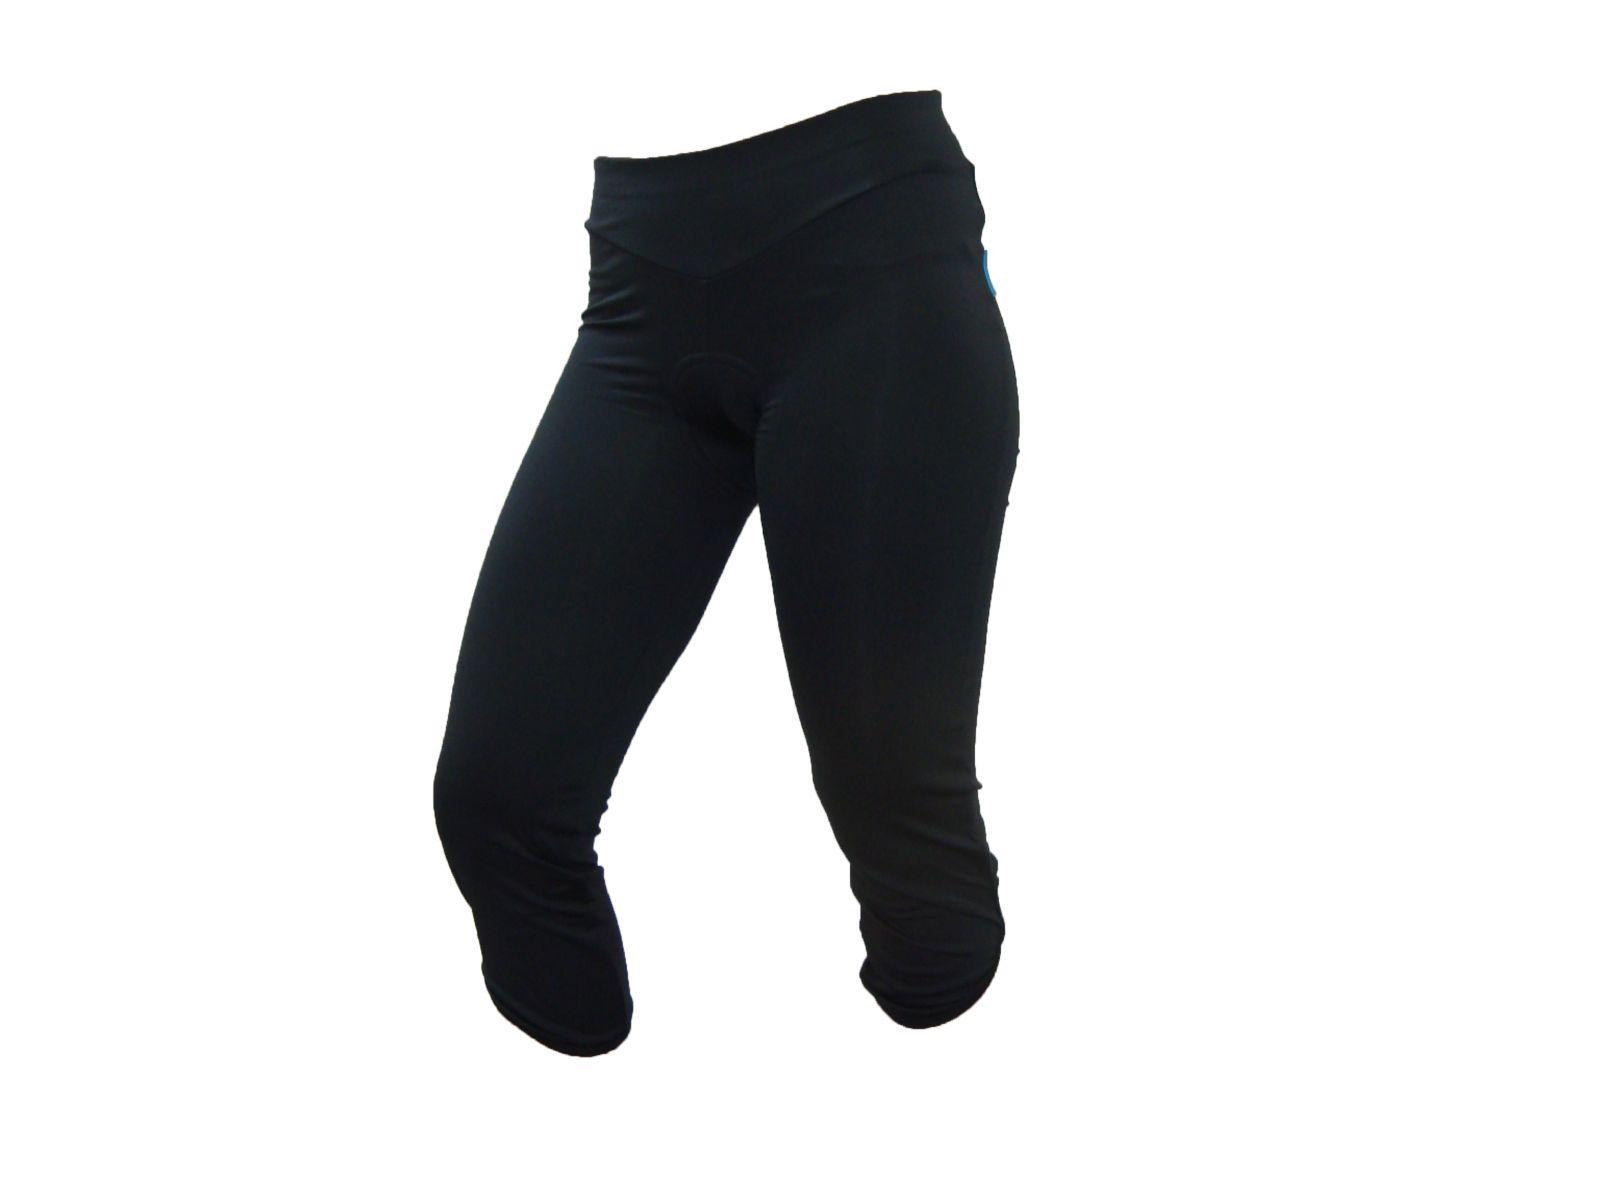 SHIMANO dámské 3/4 kalhoty, černá, L